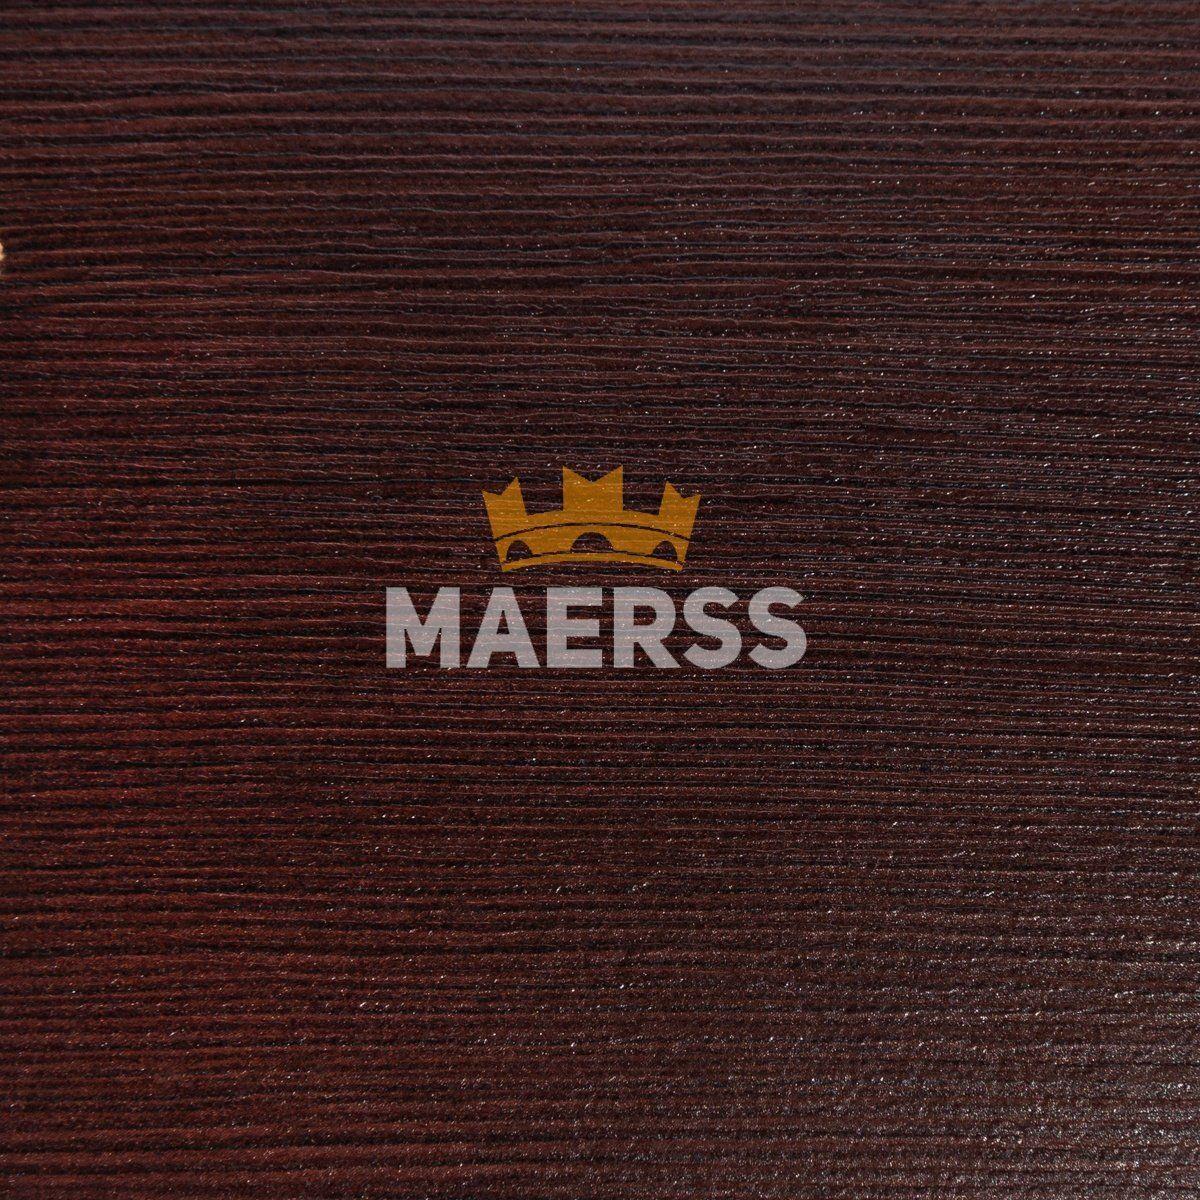 Столешница структурная 3844/М 4гр. Дуглас Темный ДСП / Пластик купить в интернет-магазине МАЕРСС